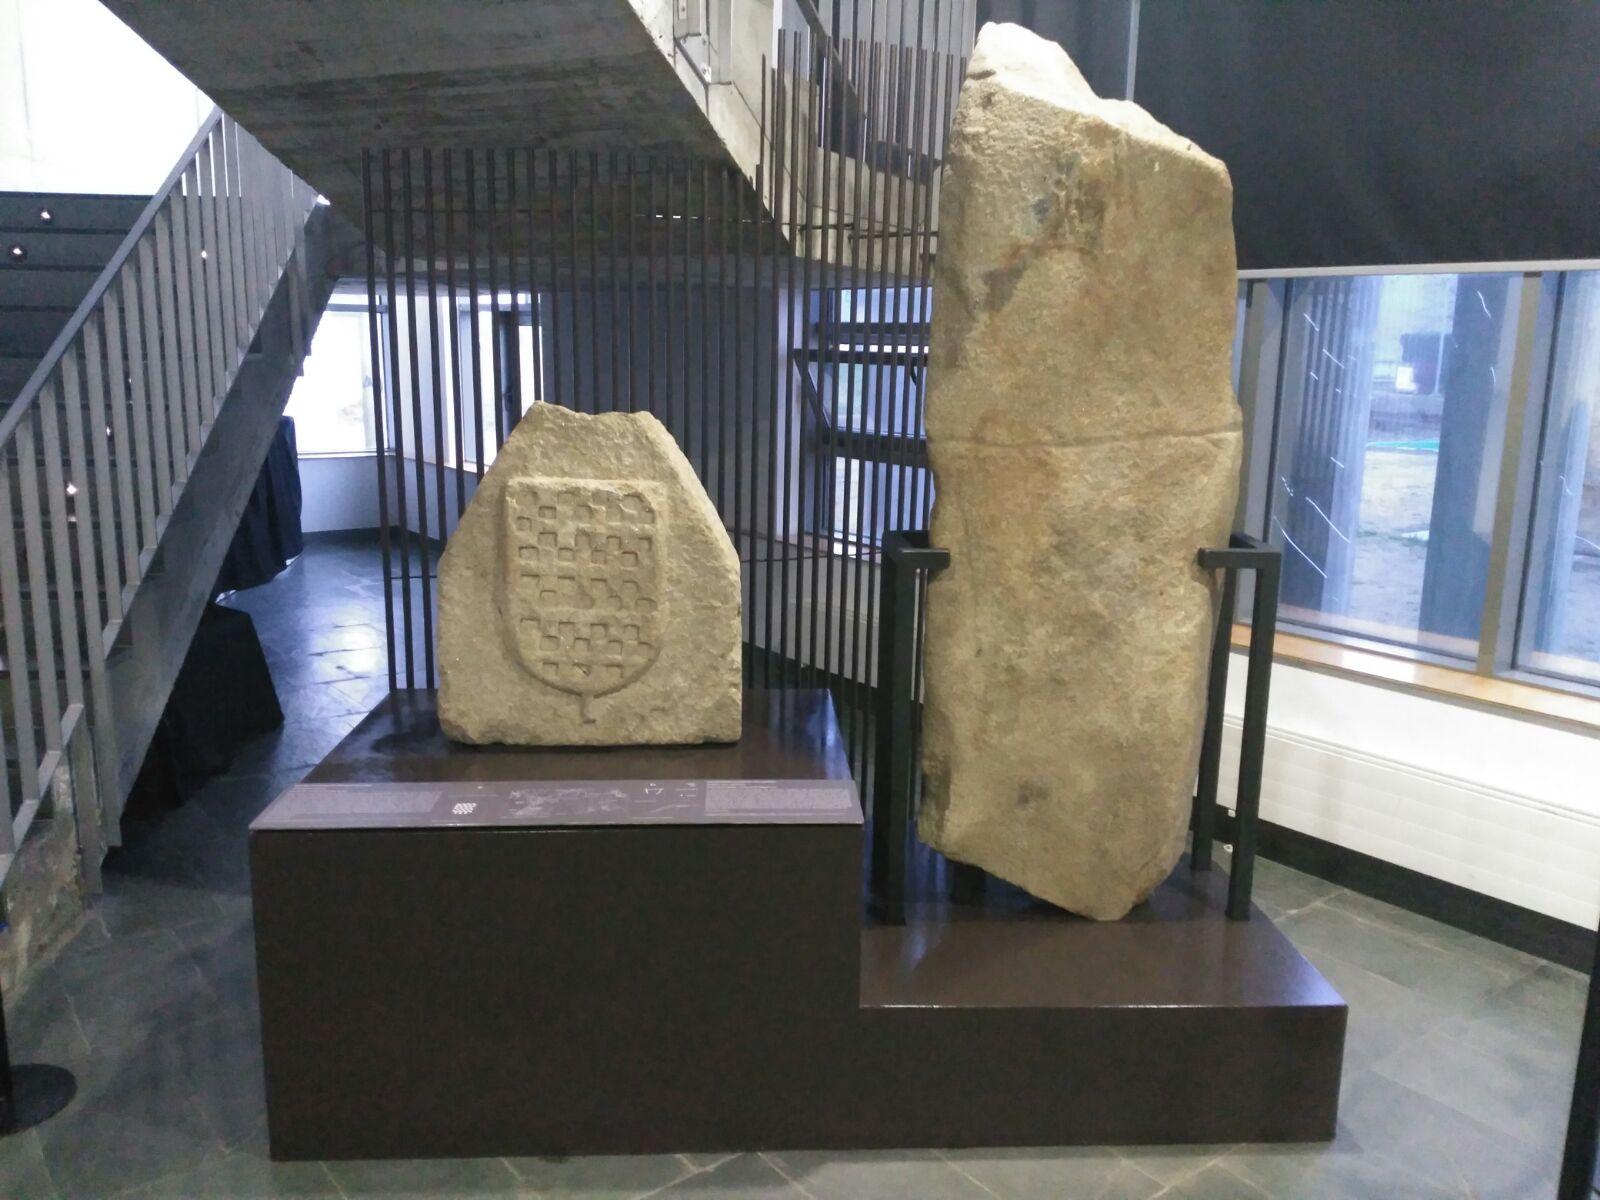 Merlón e estela-menhir no Auditorio de Rianxo